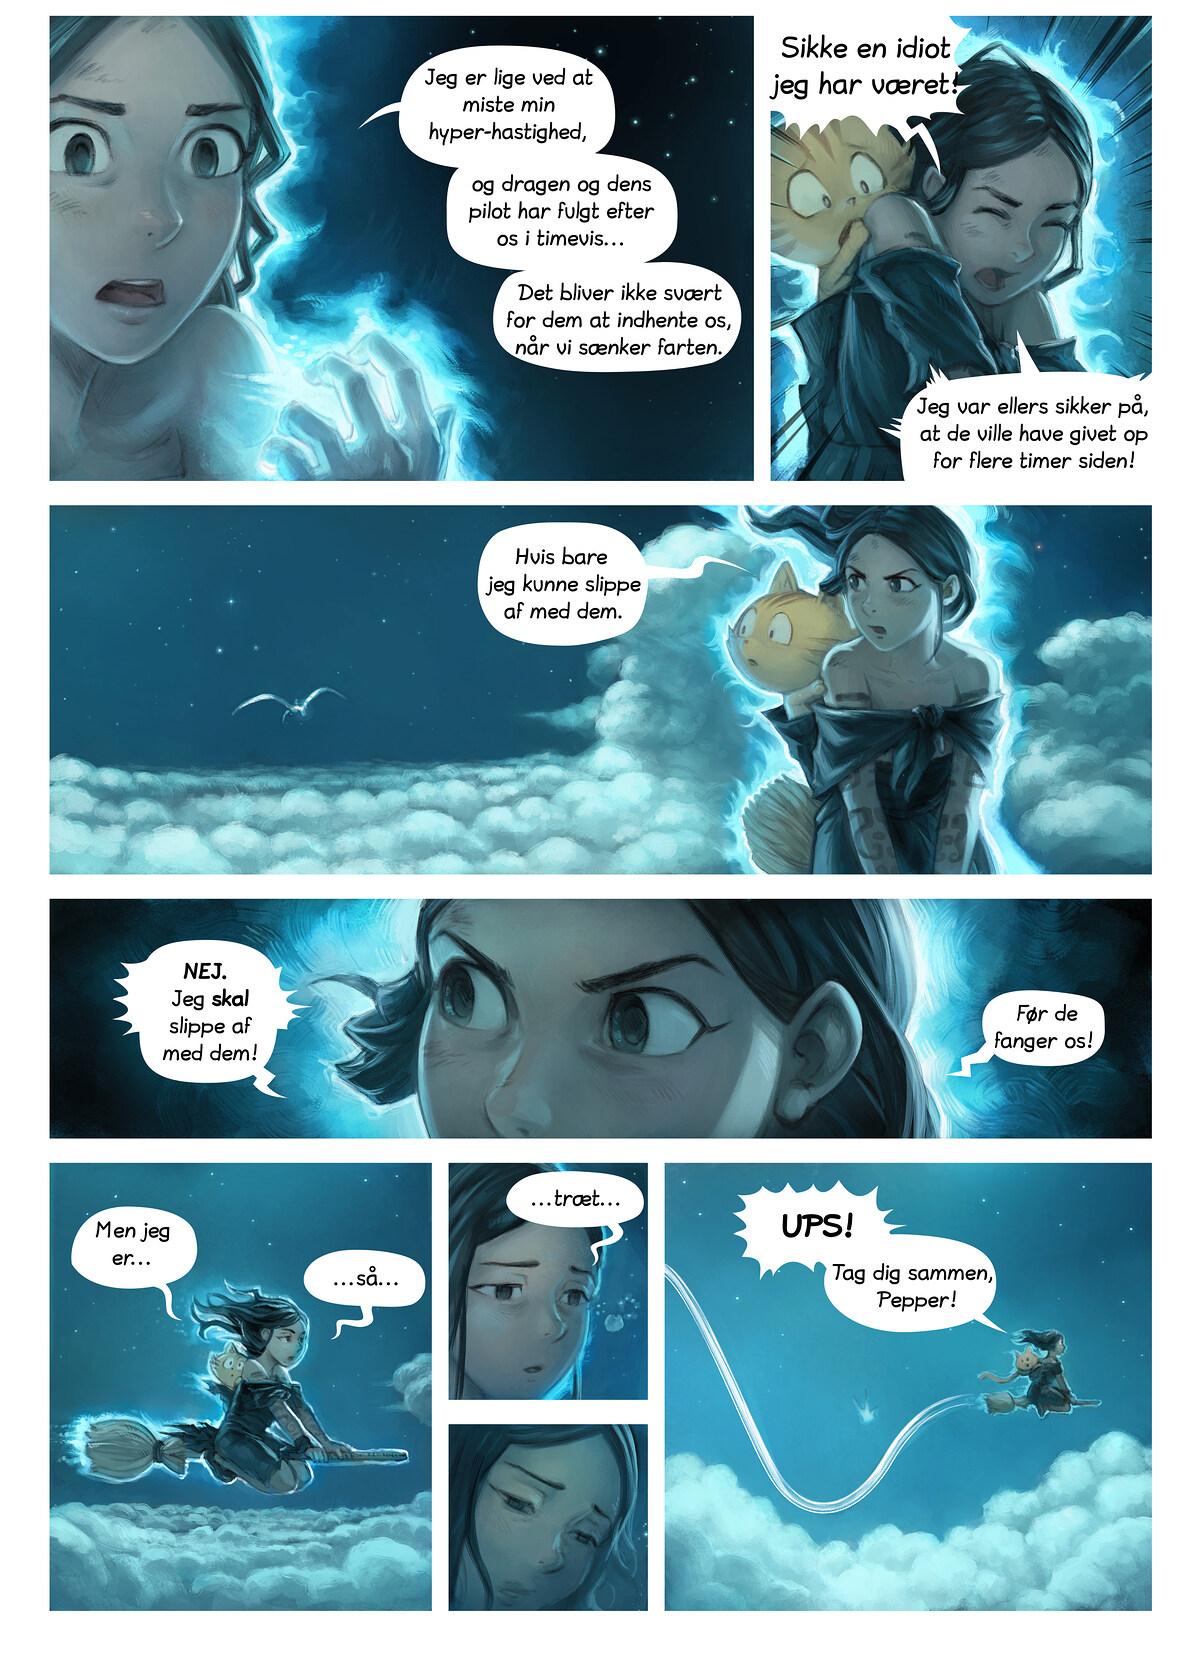 Episode 35: Spejlbilledet, Page 2